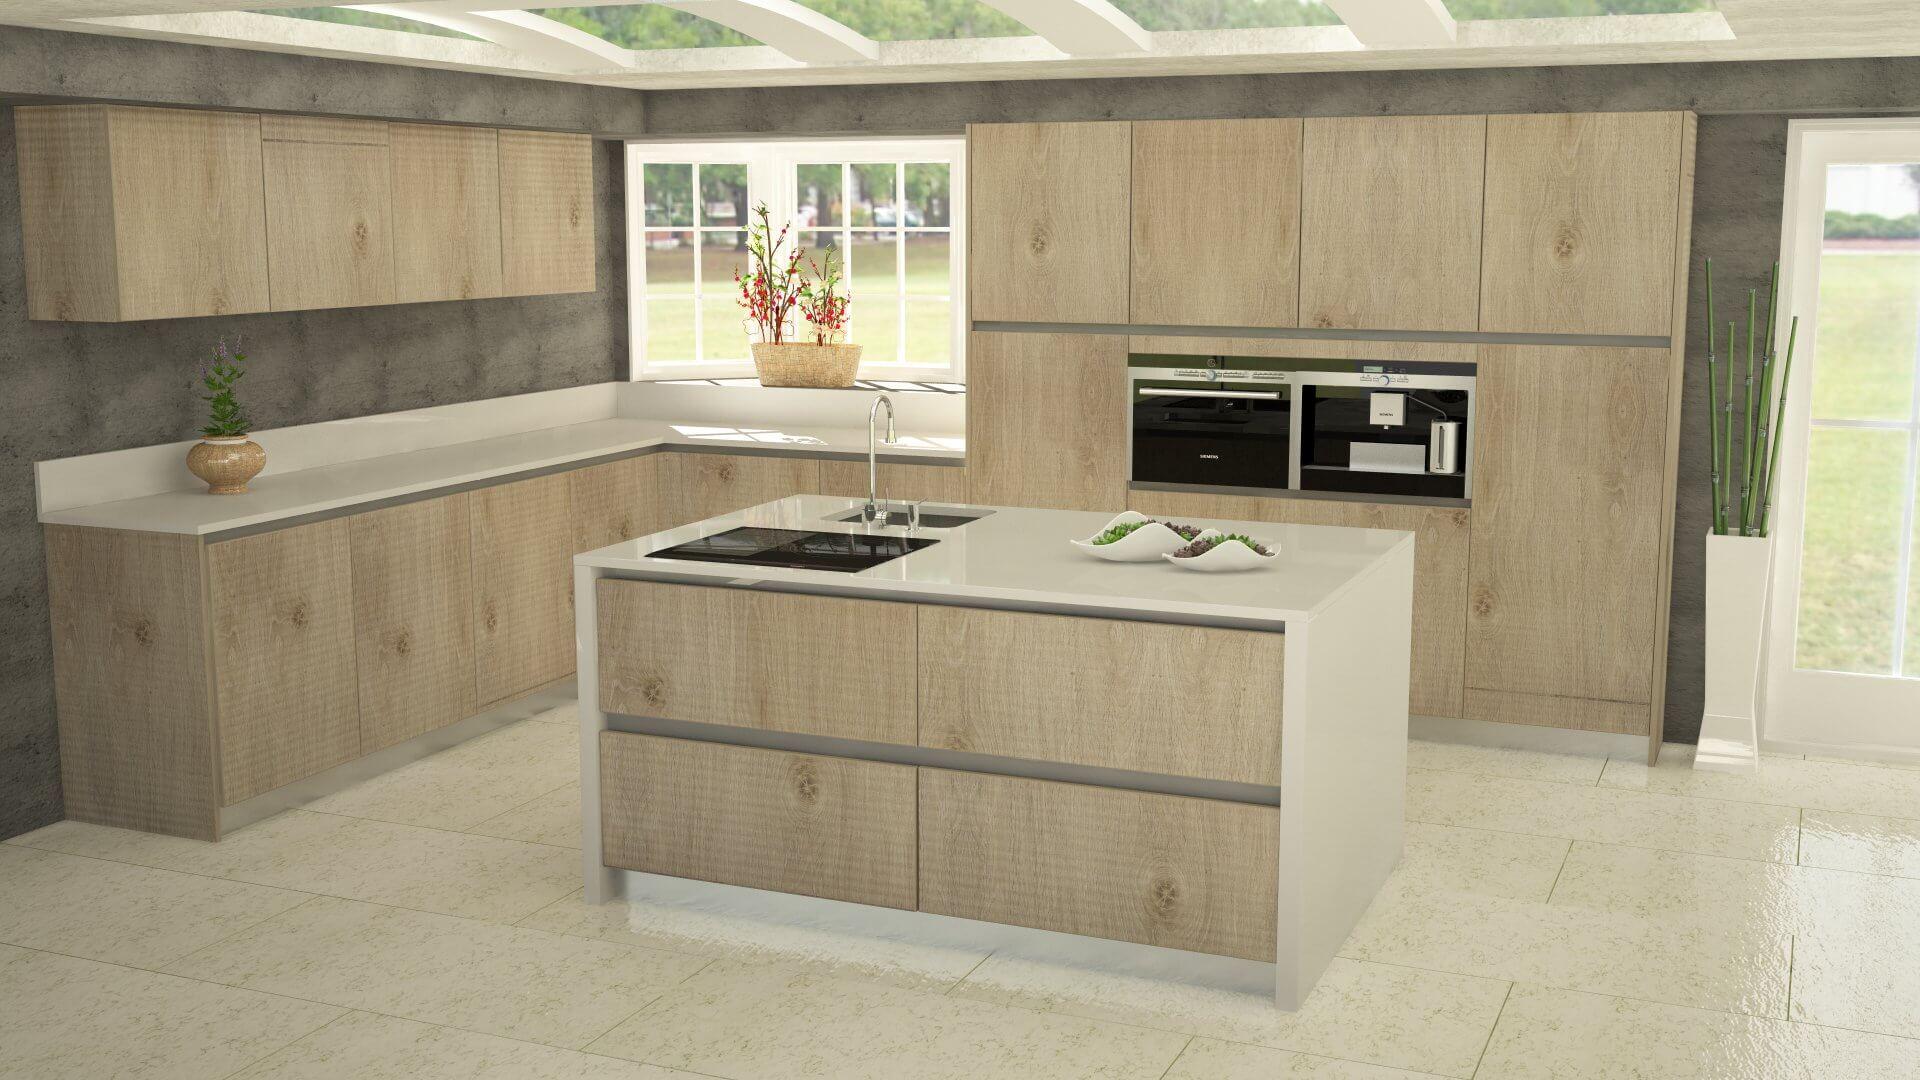 Buscar Muebles De Cocina Simple Pin It With Buscar Muebles De Cocina Muebles De Cocina Buscar Con Google With Buscar Muebles De Cocina Gallery